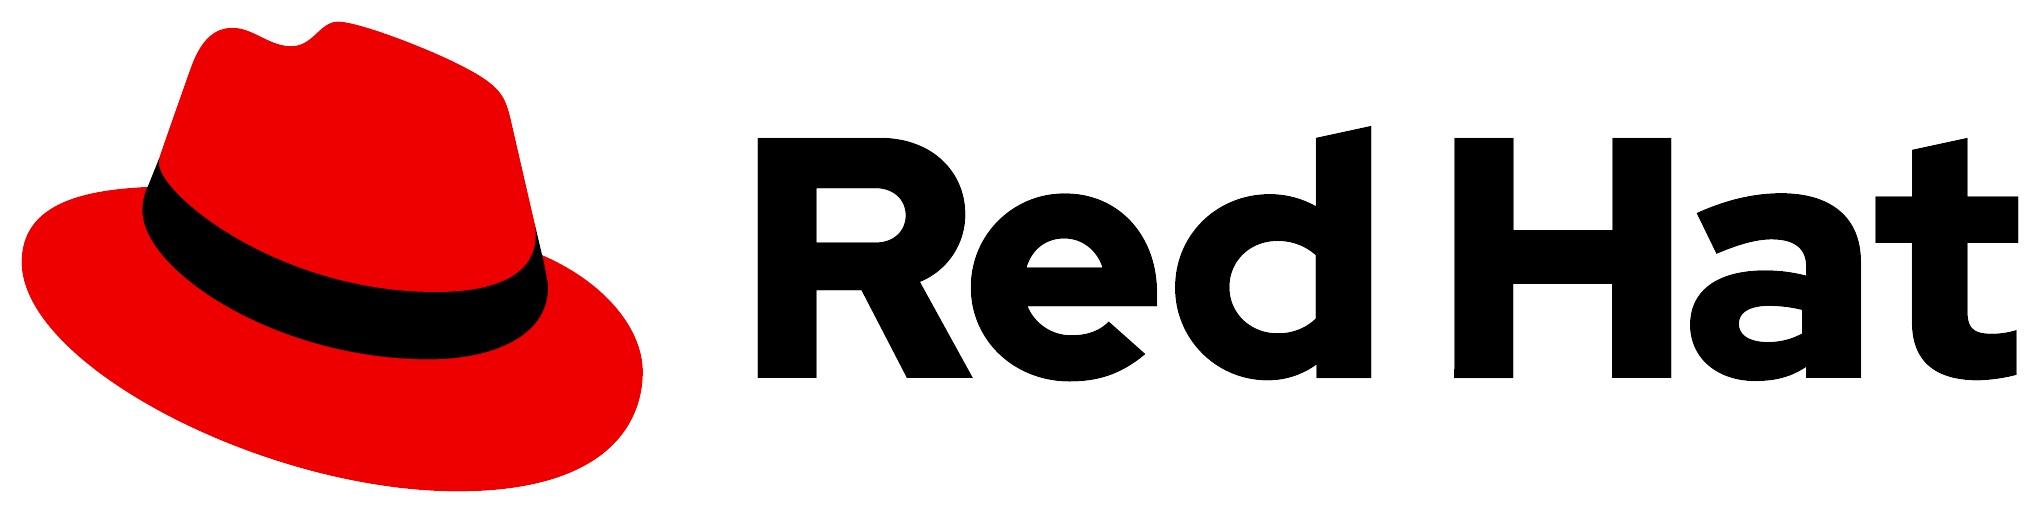 Red-Hat_logo.jpg